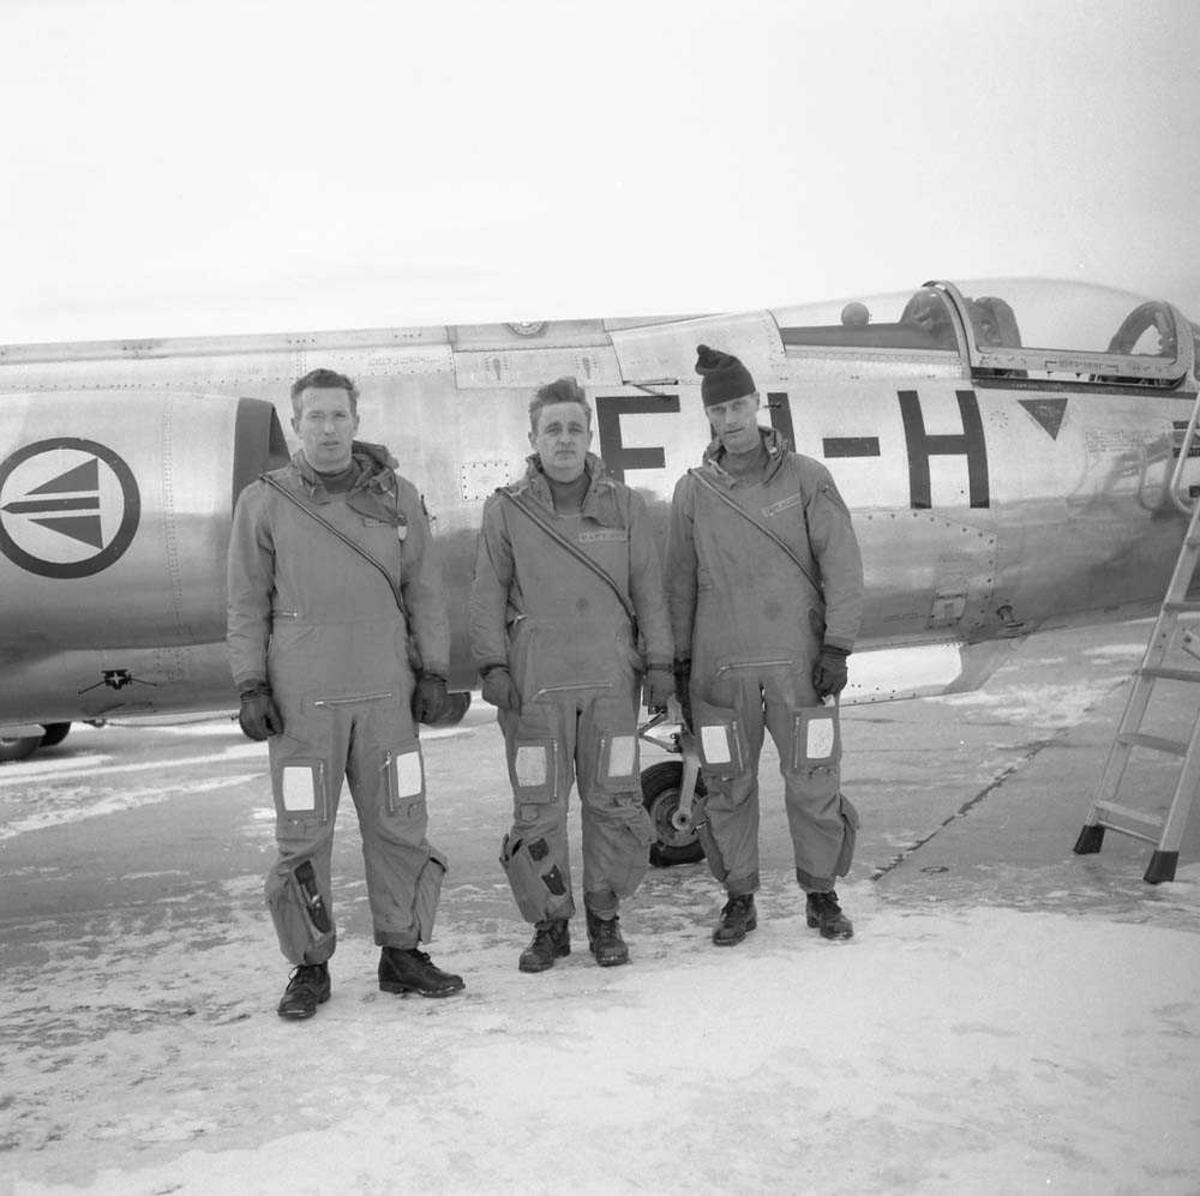 De 3 første jagerflygere i Norge som har fløyet 1000 timer i F-104 Starfighter. Fra venstre sees Kaptein Ivar Braathen, Kaptein Helge Moe og Kaptein S. Klavenes. Bak personene sees en F-104 Starfighter.